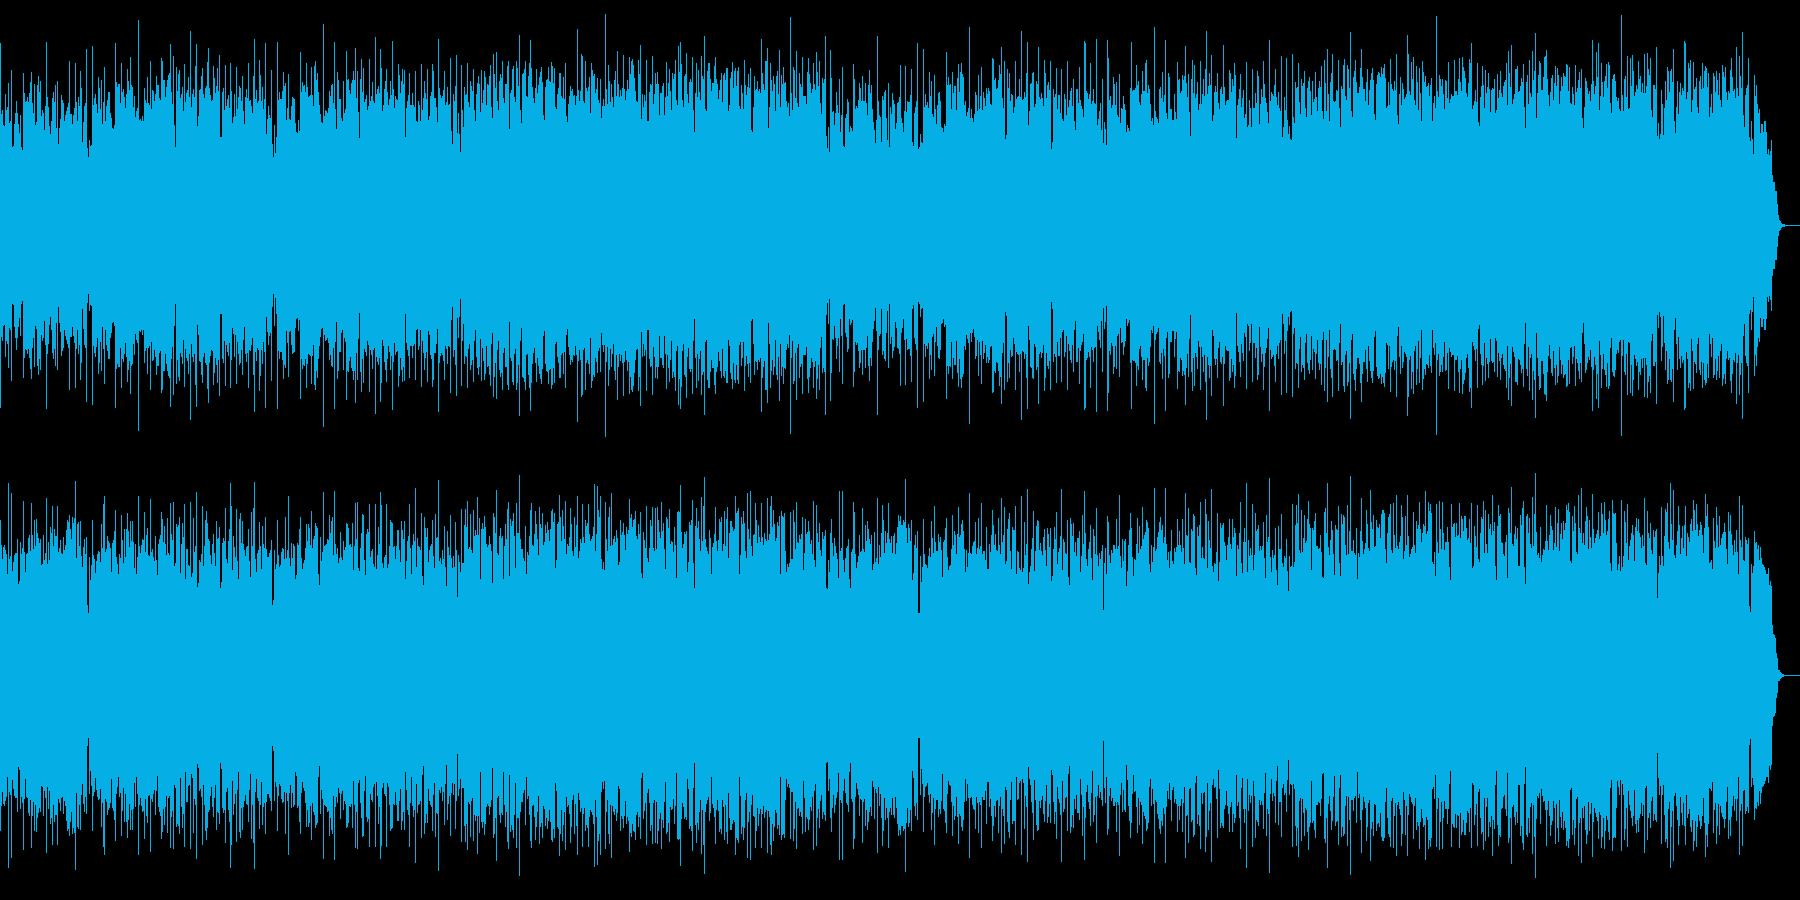 SAX演奏のゆっくりめの爽やかなボサノバの再生済みの波形